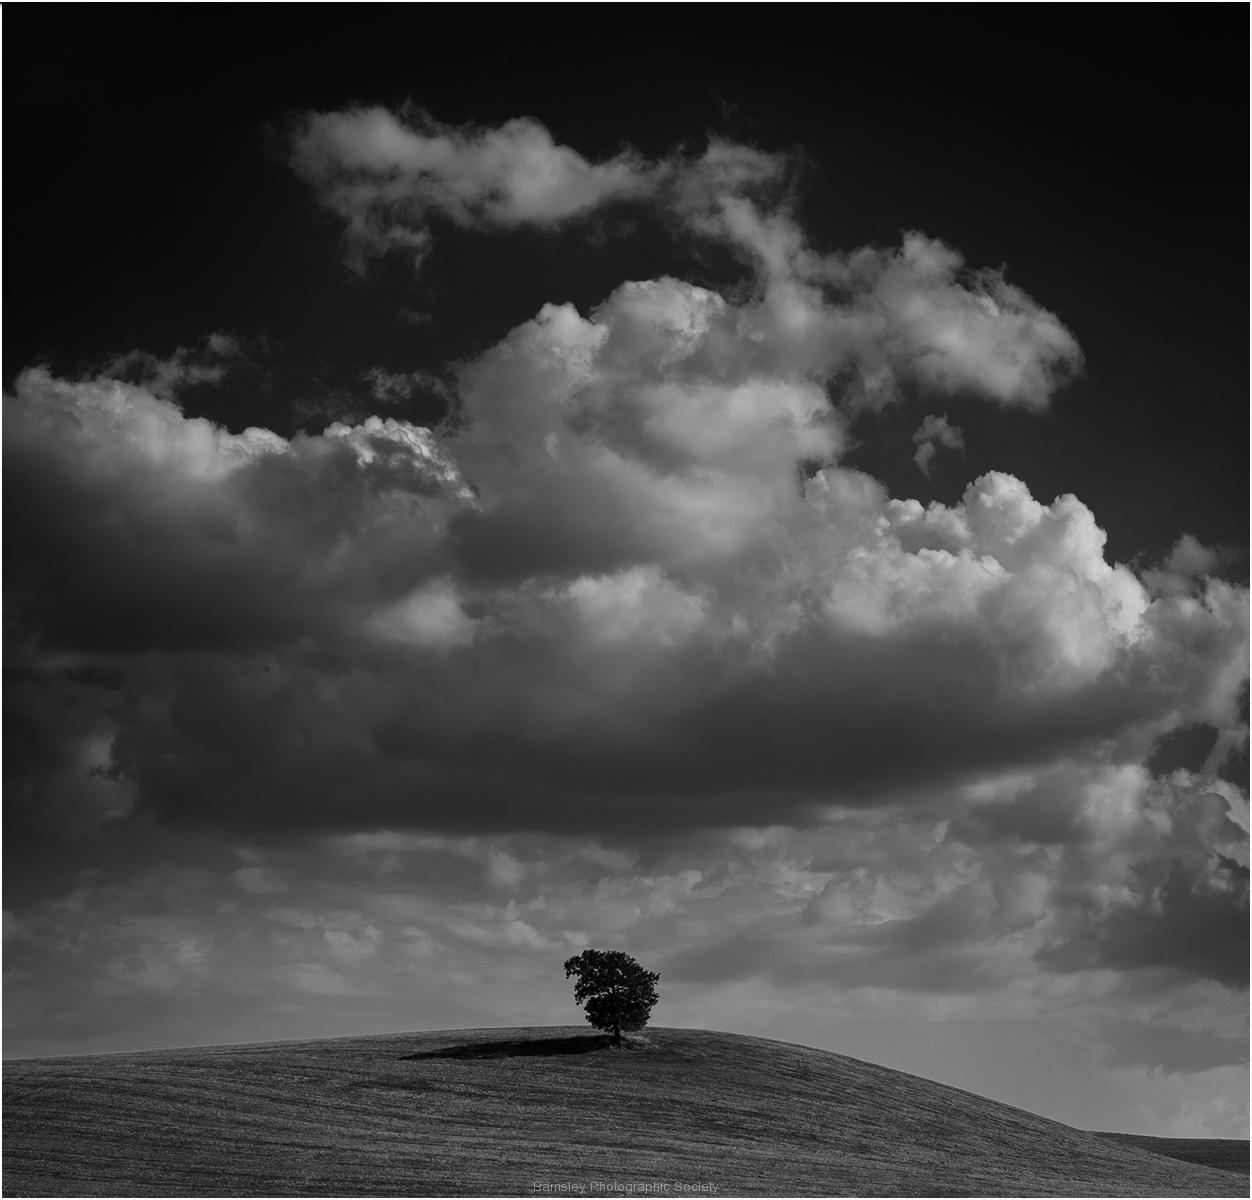 Singular Tree by Jeff Moore